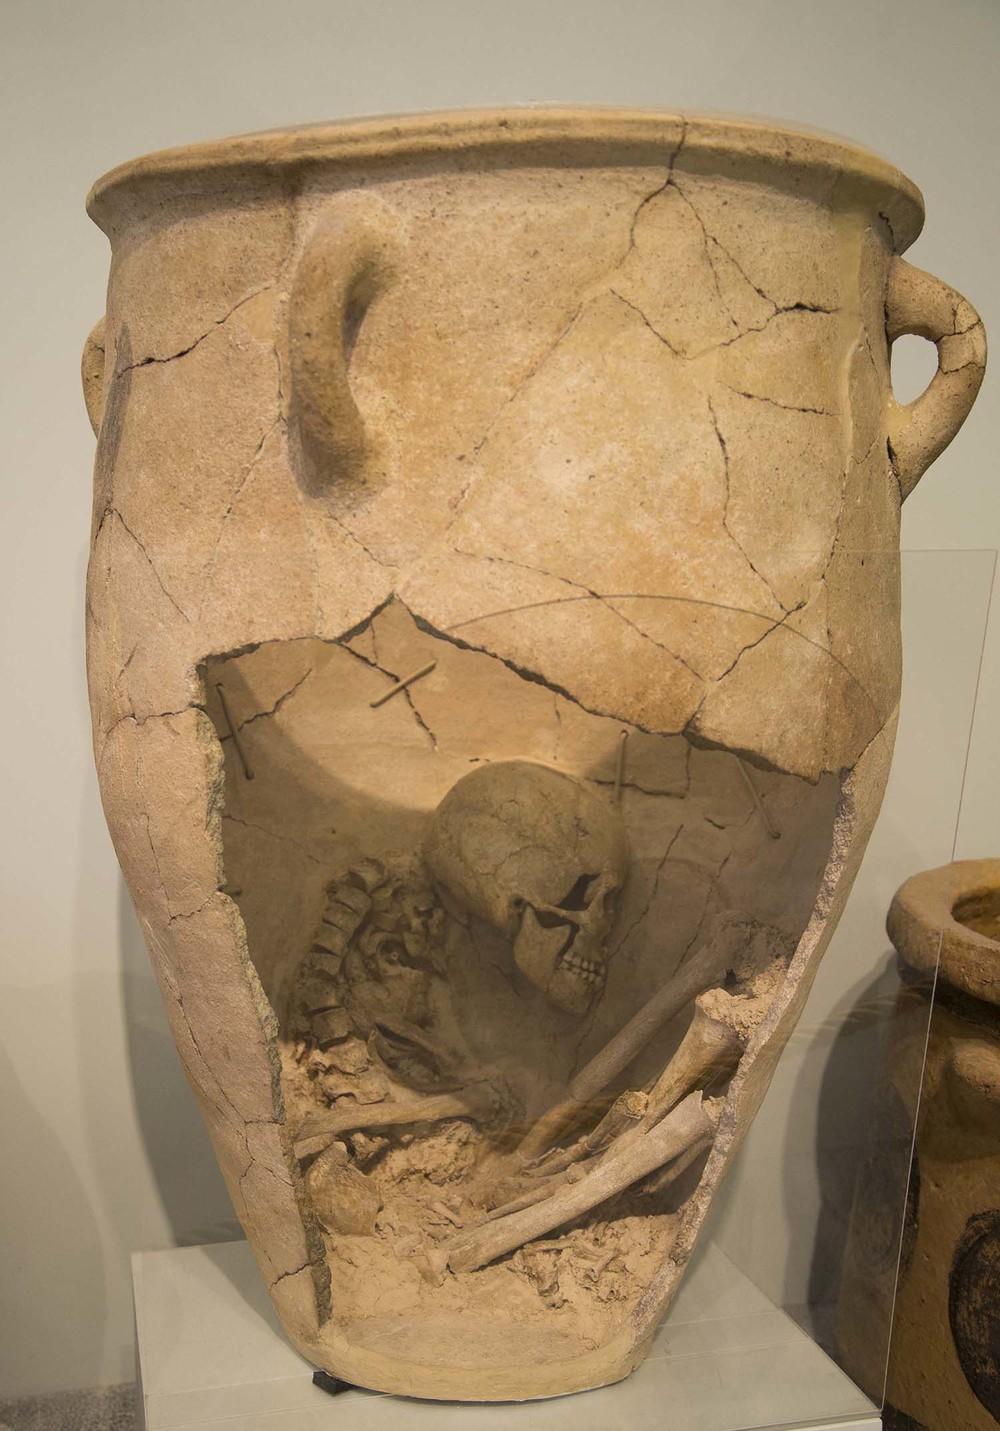 Minoan Burial Jar, 2nd Millenium BC, Heraklion, Crete